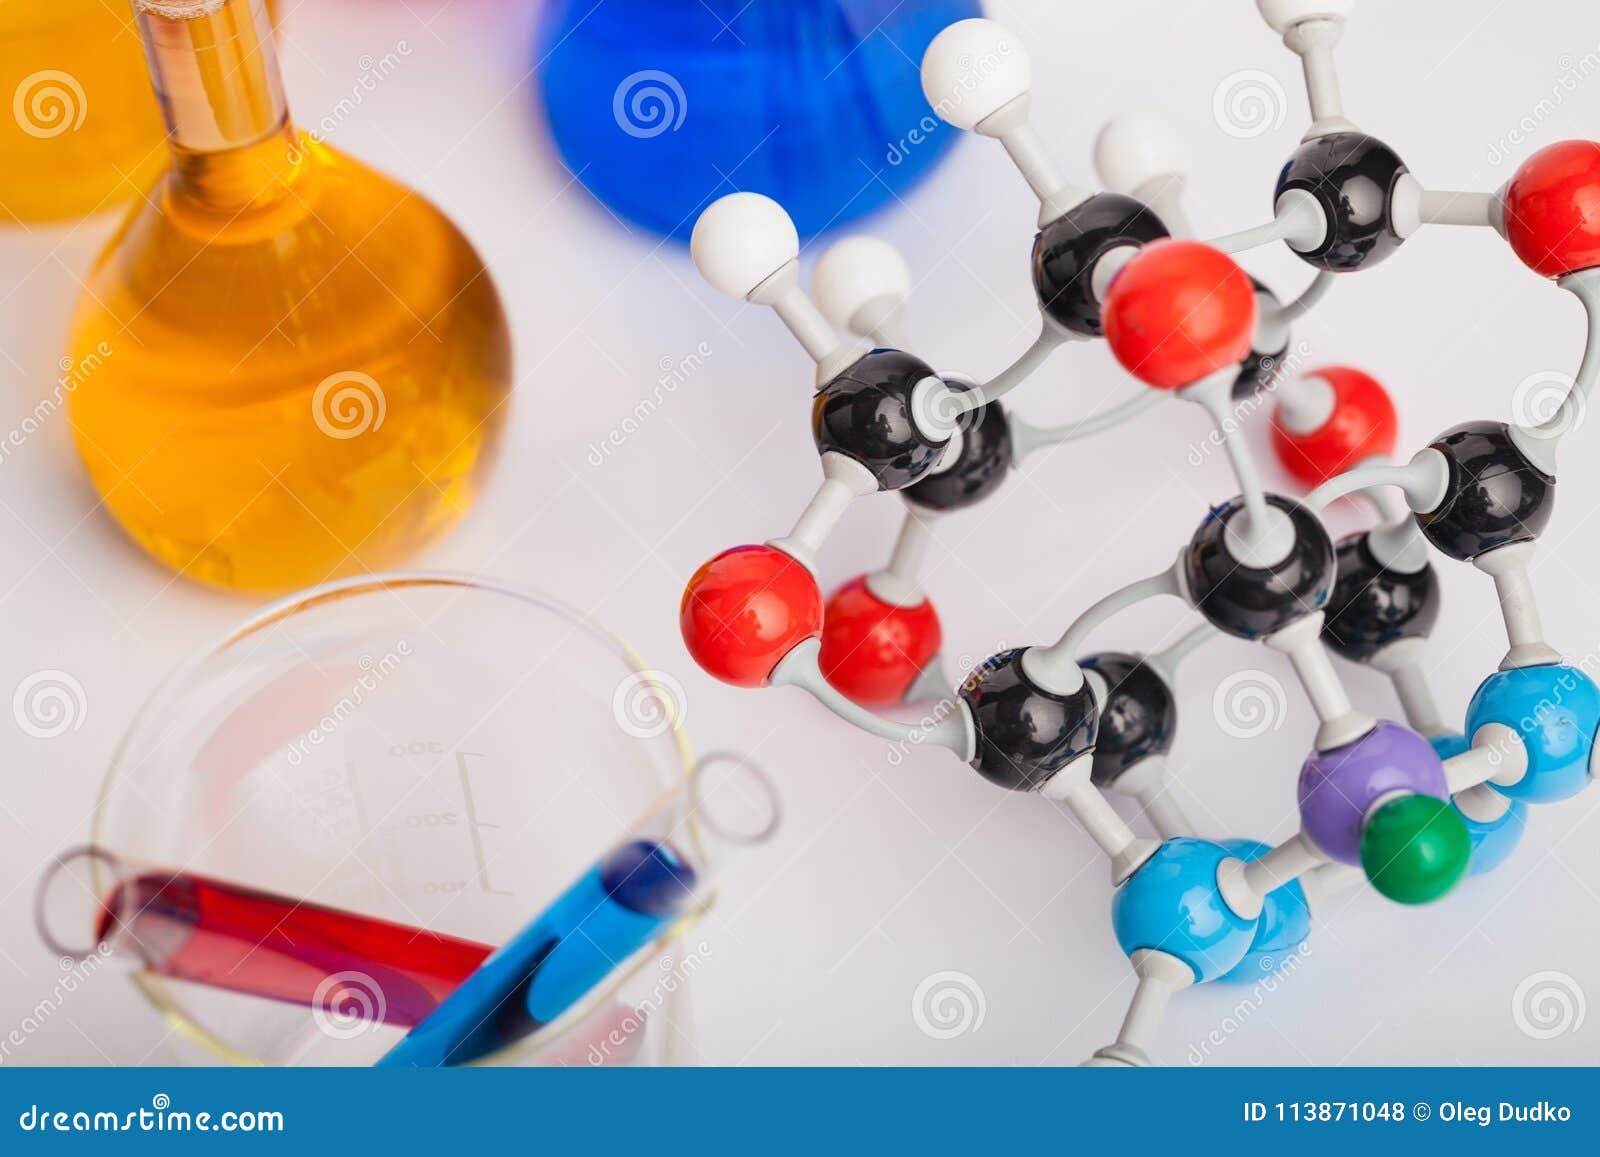 Chemii Laborancki wyposażenie